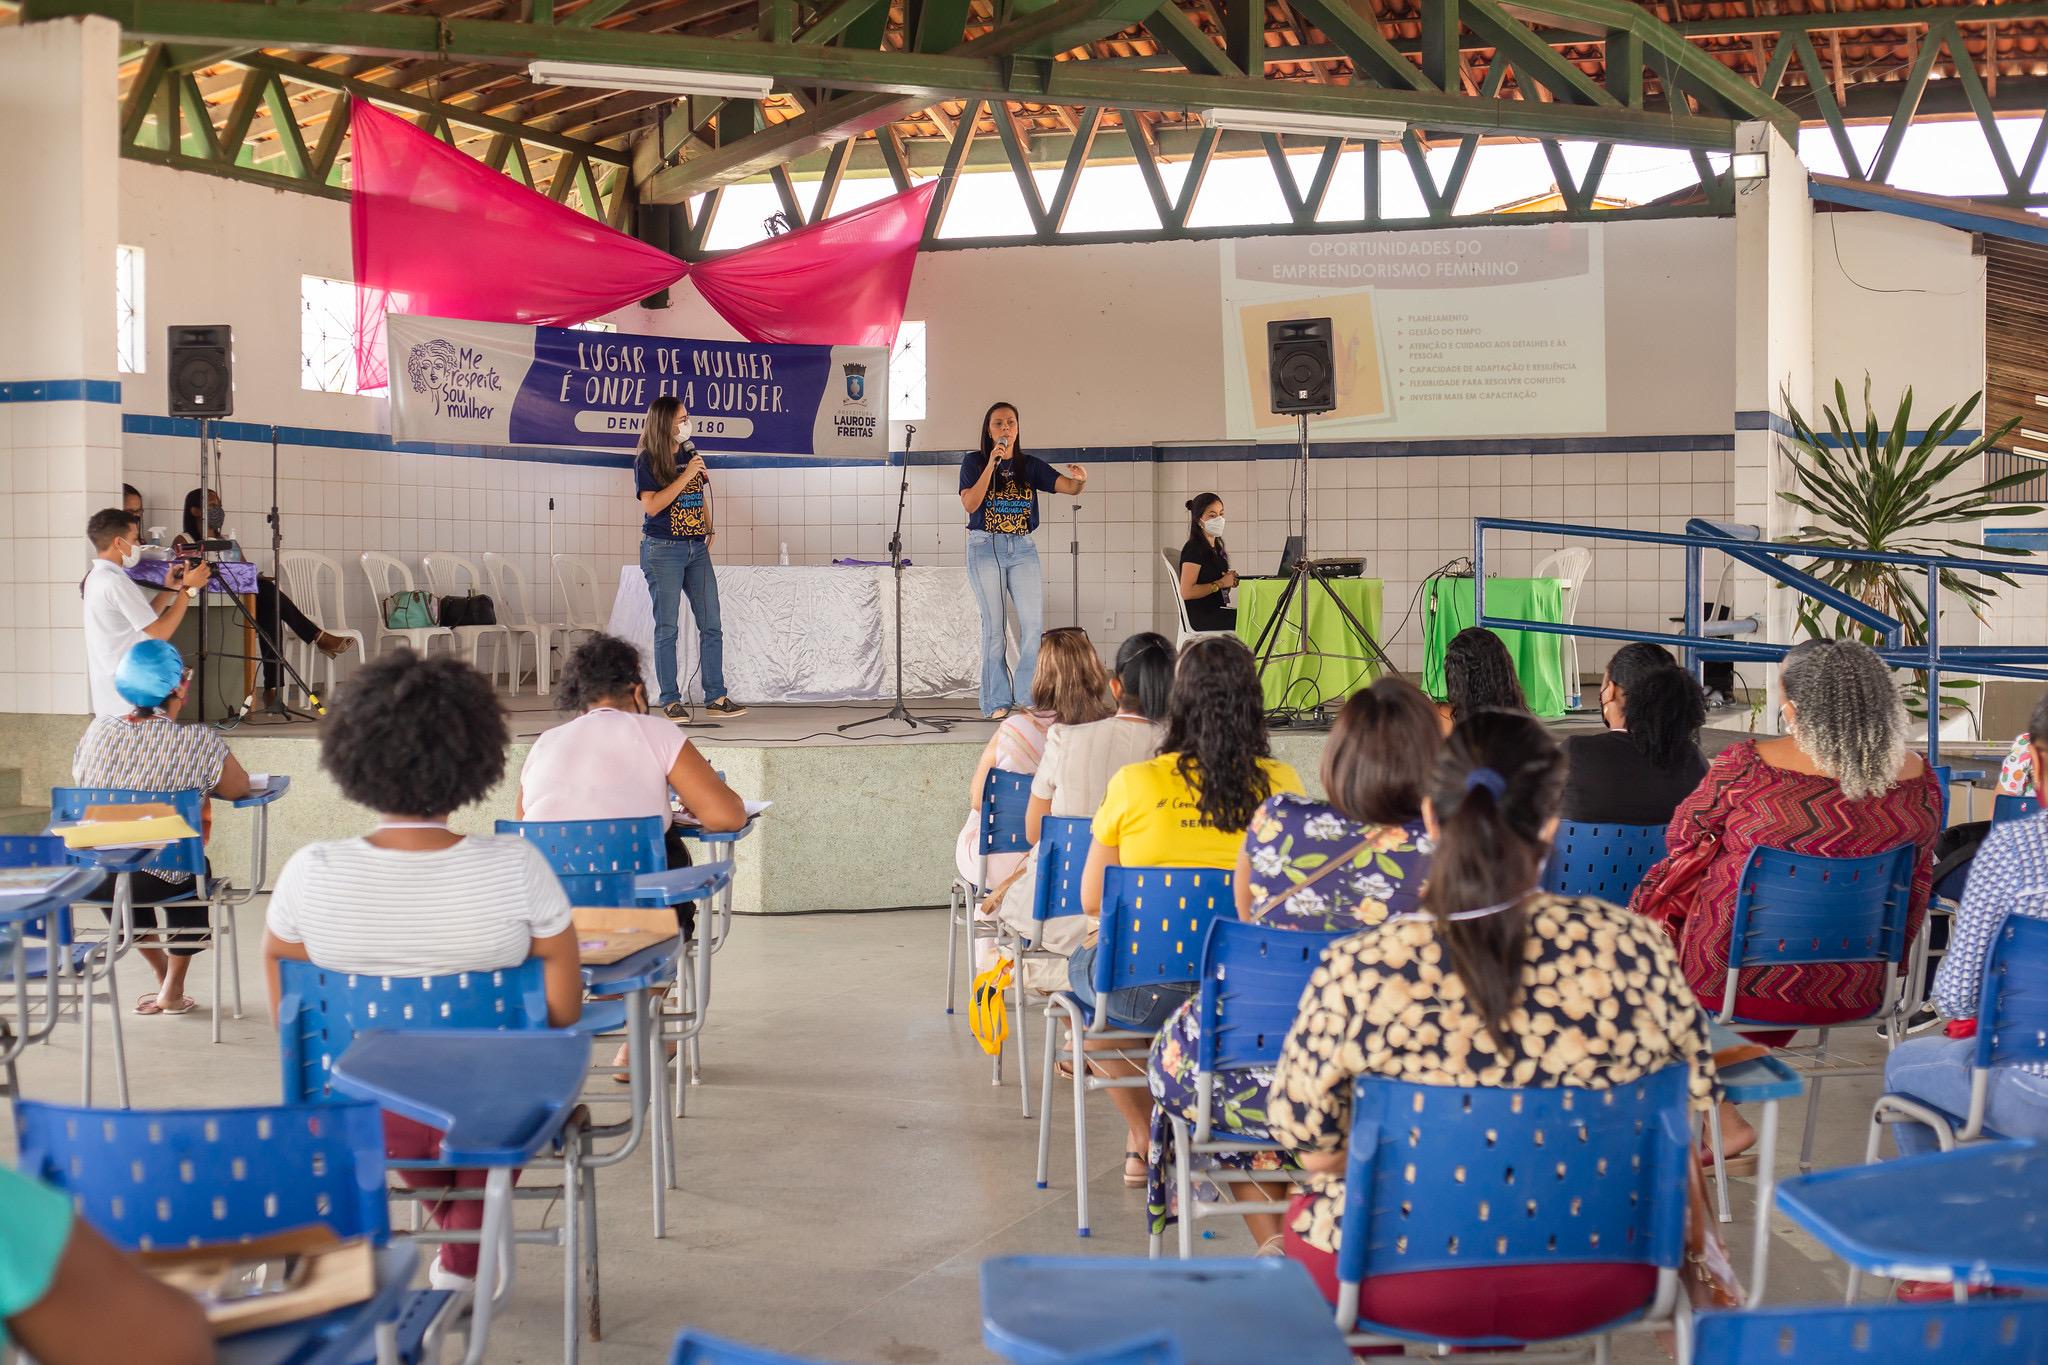 Luta pelo fim da violência contra a mulher vai além da campanha Agosto Lilás, diz SPM de Lauro de Freitas